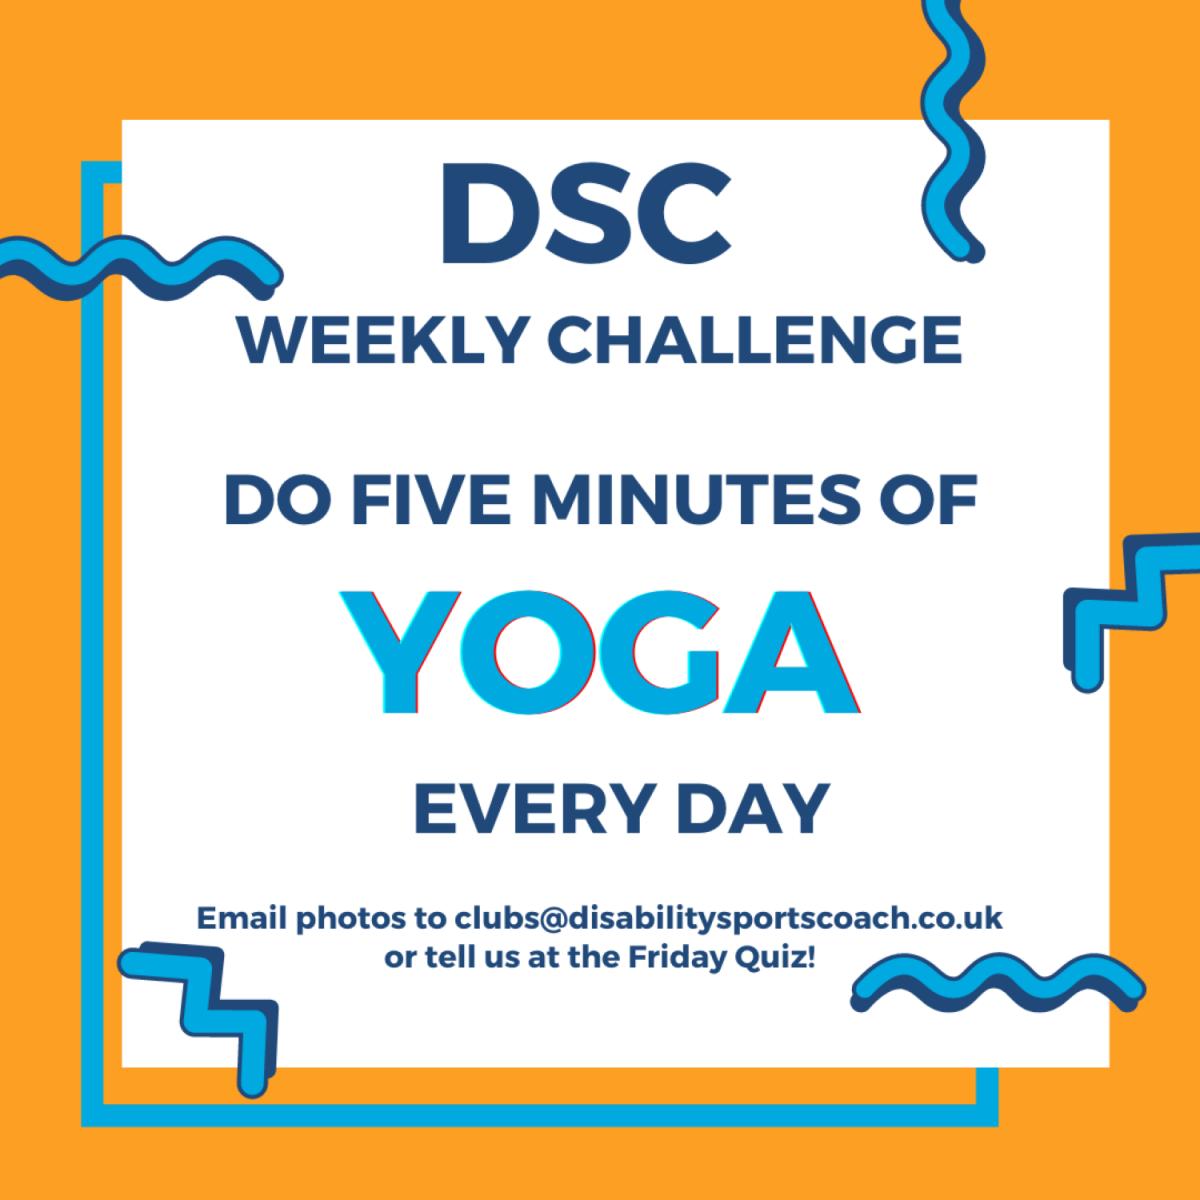 Weekly Challenge - Week 8